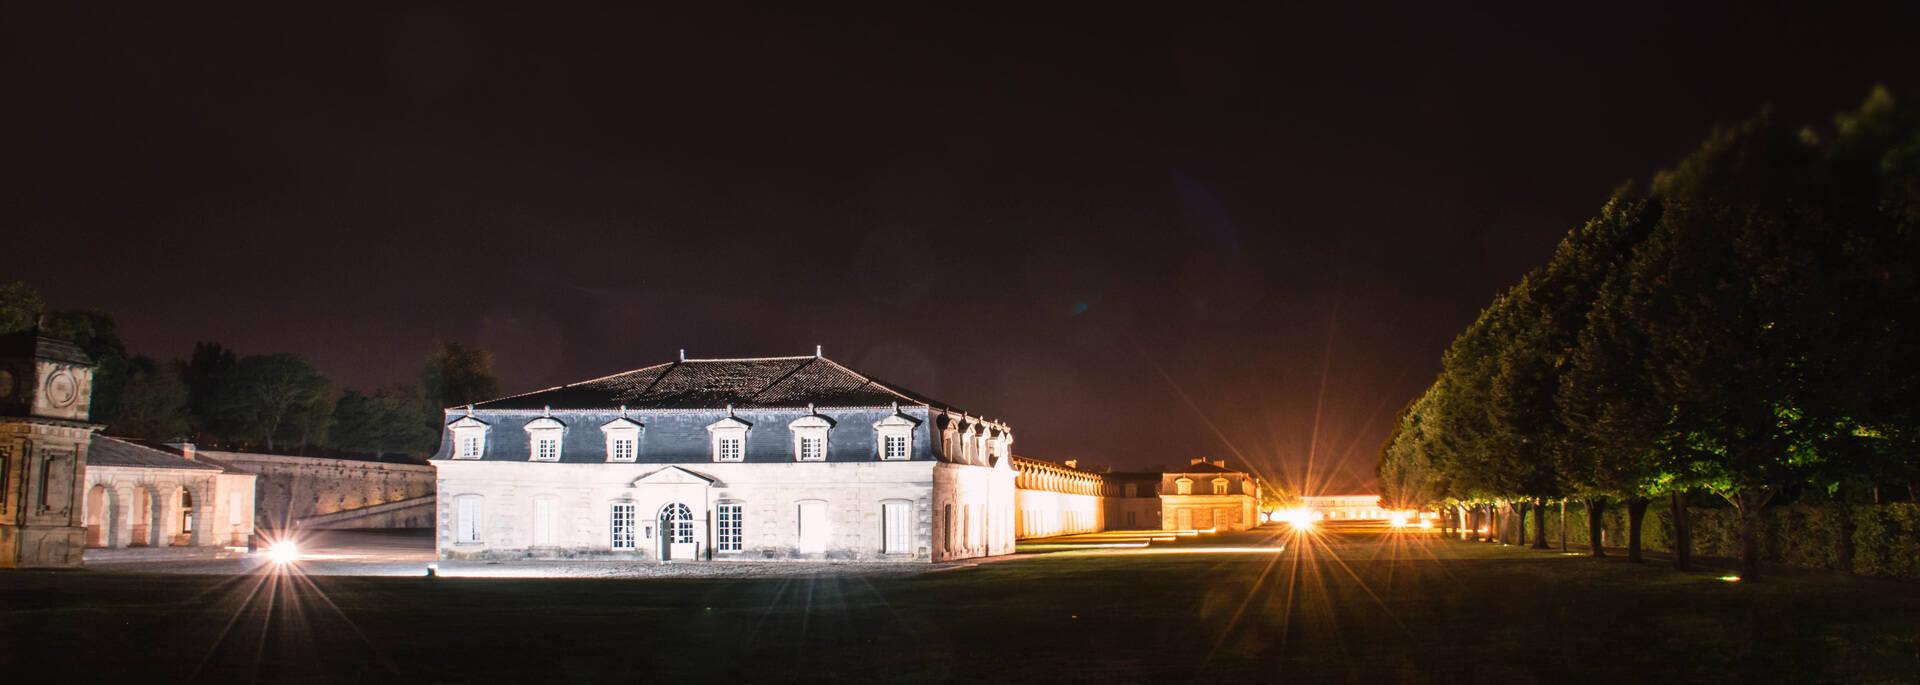 La majestueuse Corderie Royale de Rochefort - © Laurent Pétillon